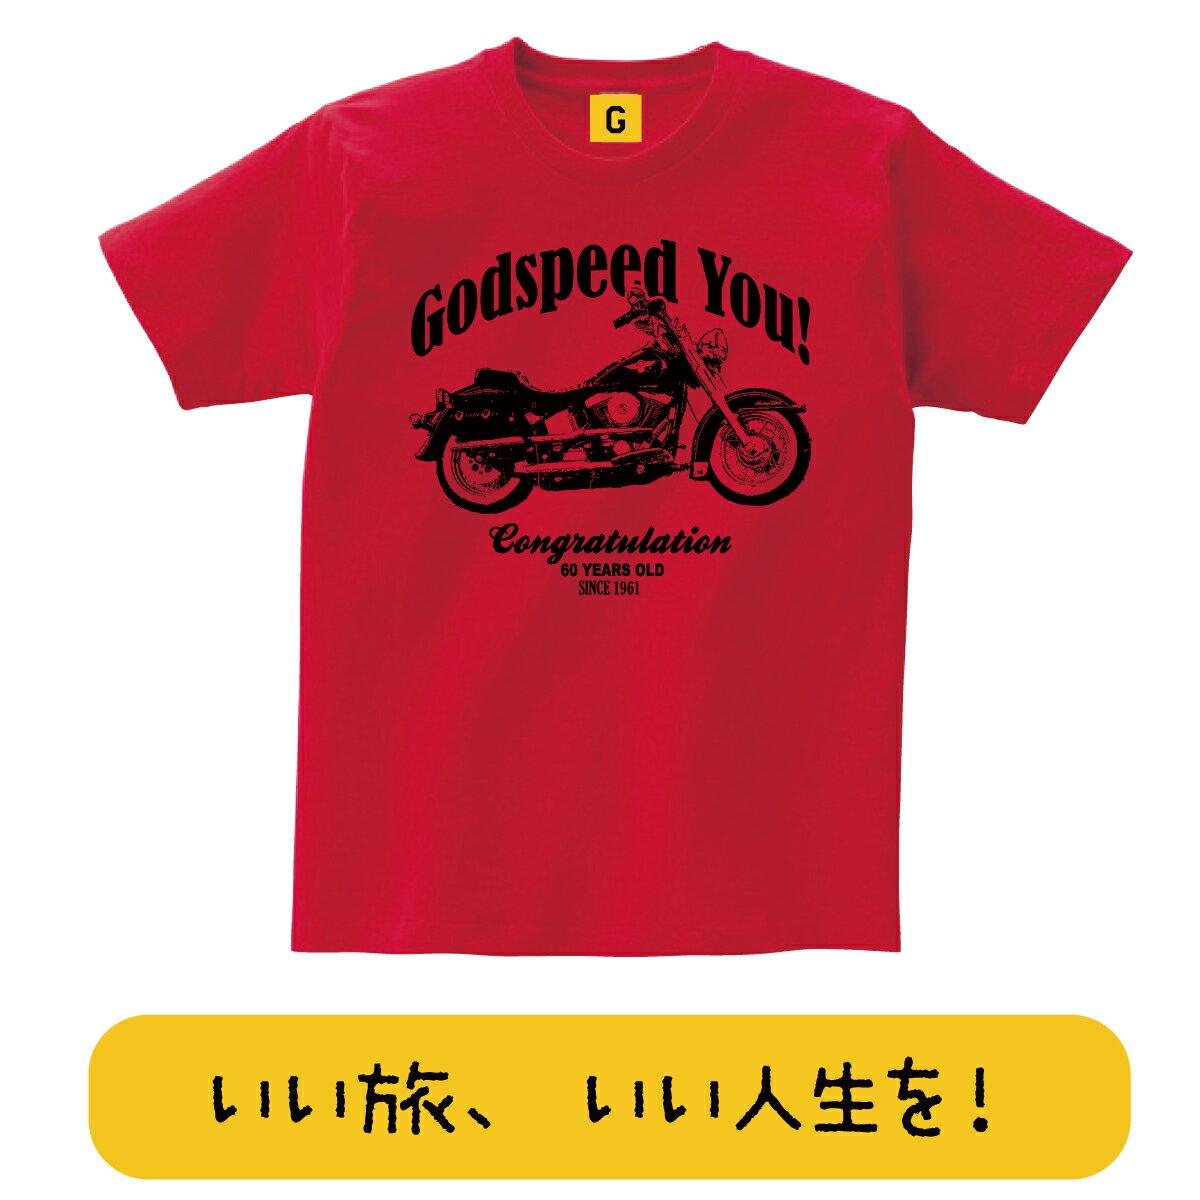 還暦祝い tシャツ 父 母 プレゼント 還暦の 赤い プレゼント 還暦 祝い 父 赤い もの 還暦祝 人気!還暦Tシャツ!いい旅を!◎還暦GODSPEED YOU Tシャツ